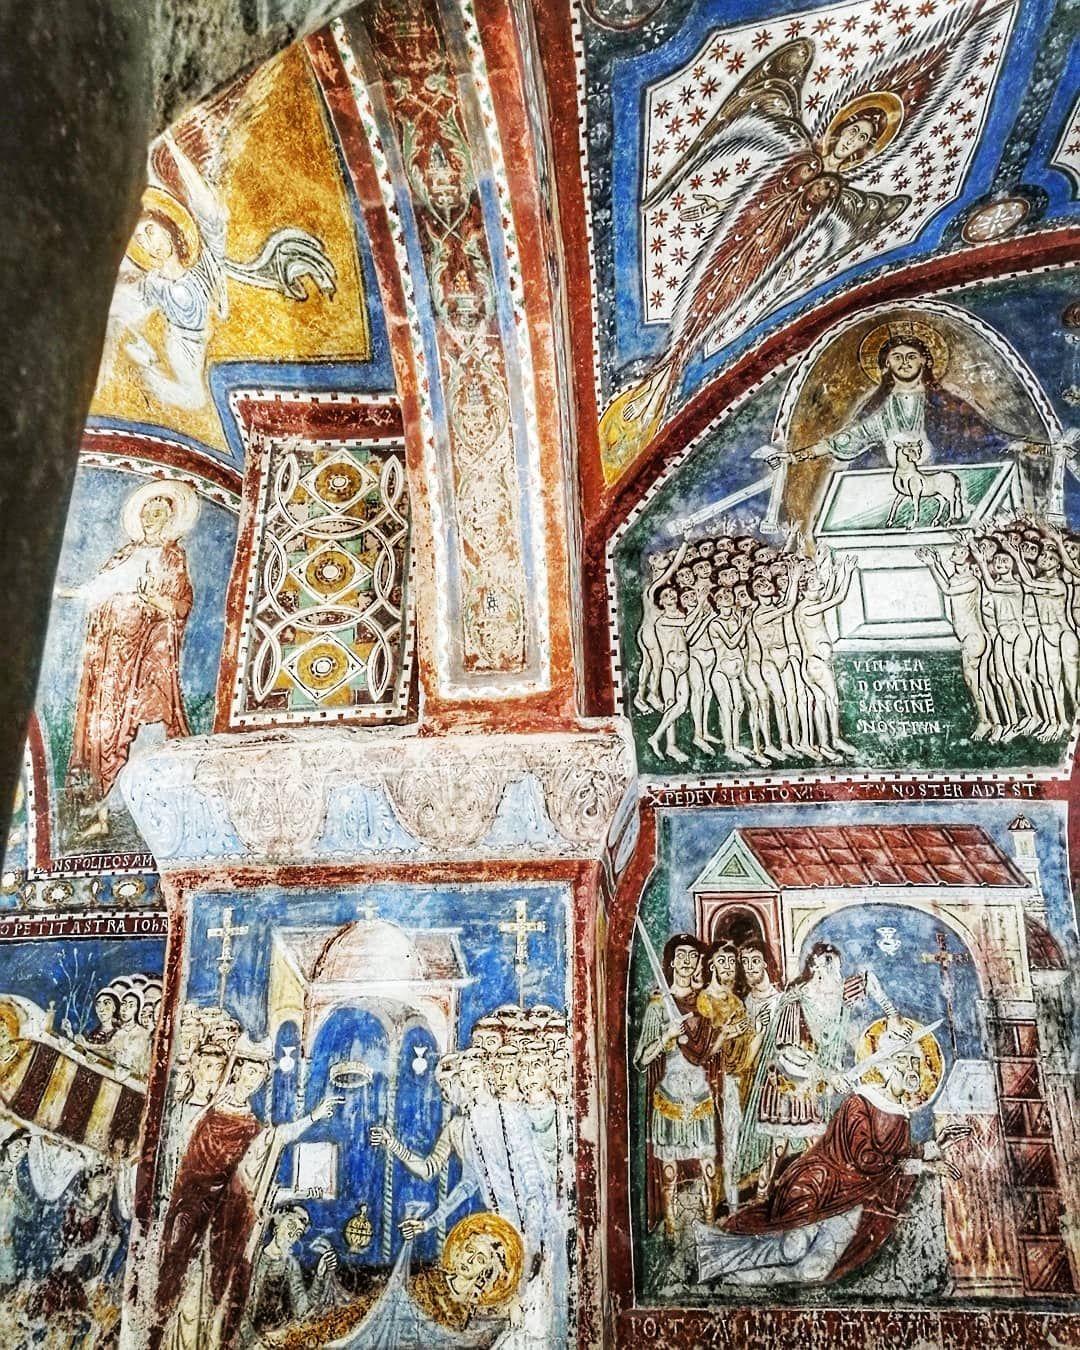 Piekna Katedra W Anagni W Regionie Lacjum Tymczasem W Podziemiach Kryje Sie Prawdziwy Skarb No Bo Jak To Inaczej Nazwac Lac Vintage World Maps Painting Art